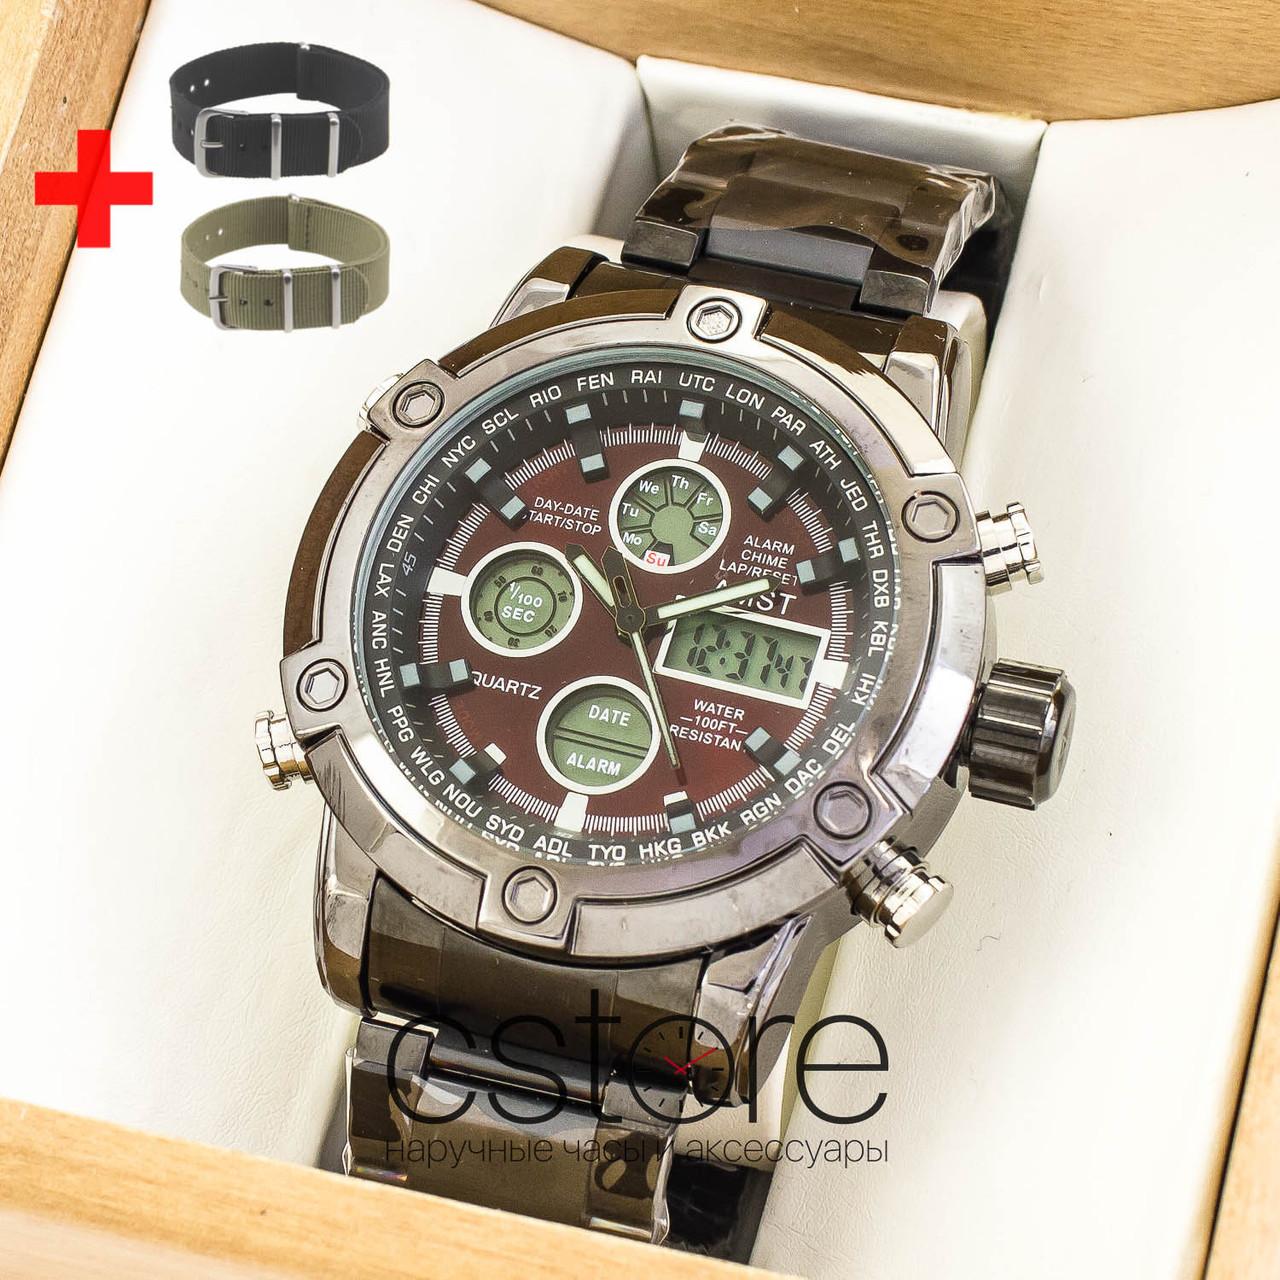 dbe14104fbd4 Мужские Армейские Наручные Часы Amst Brb Am3022 (07678) — в ...